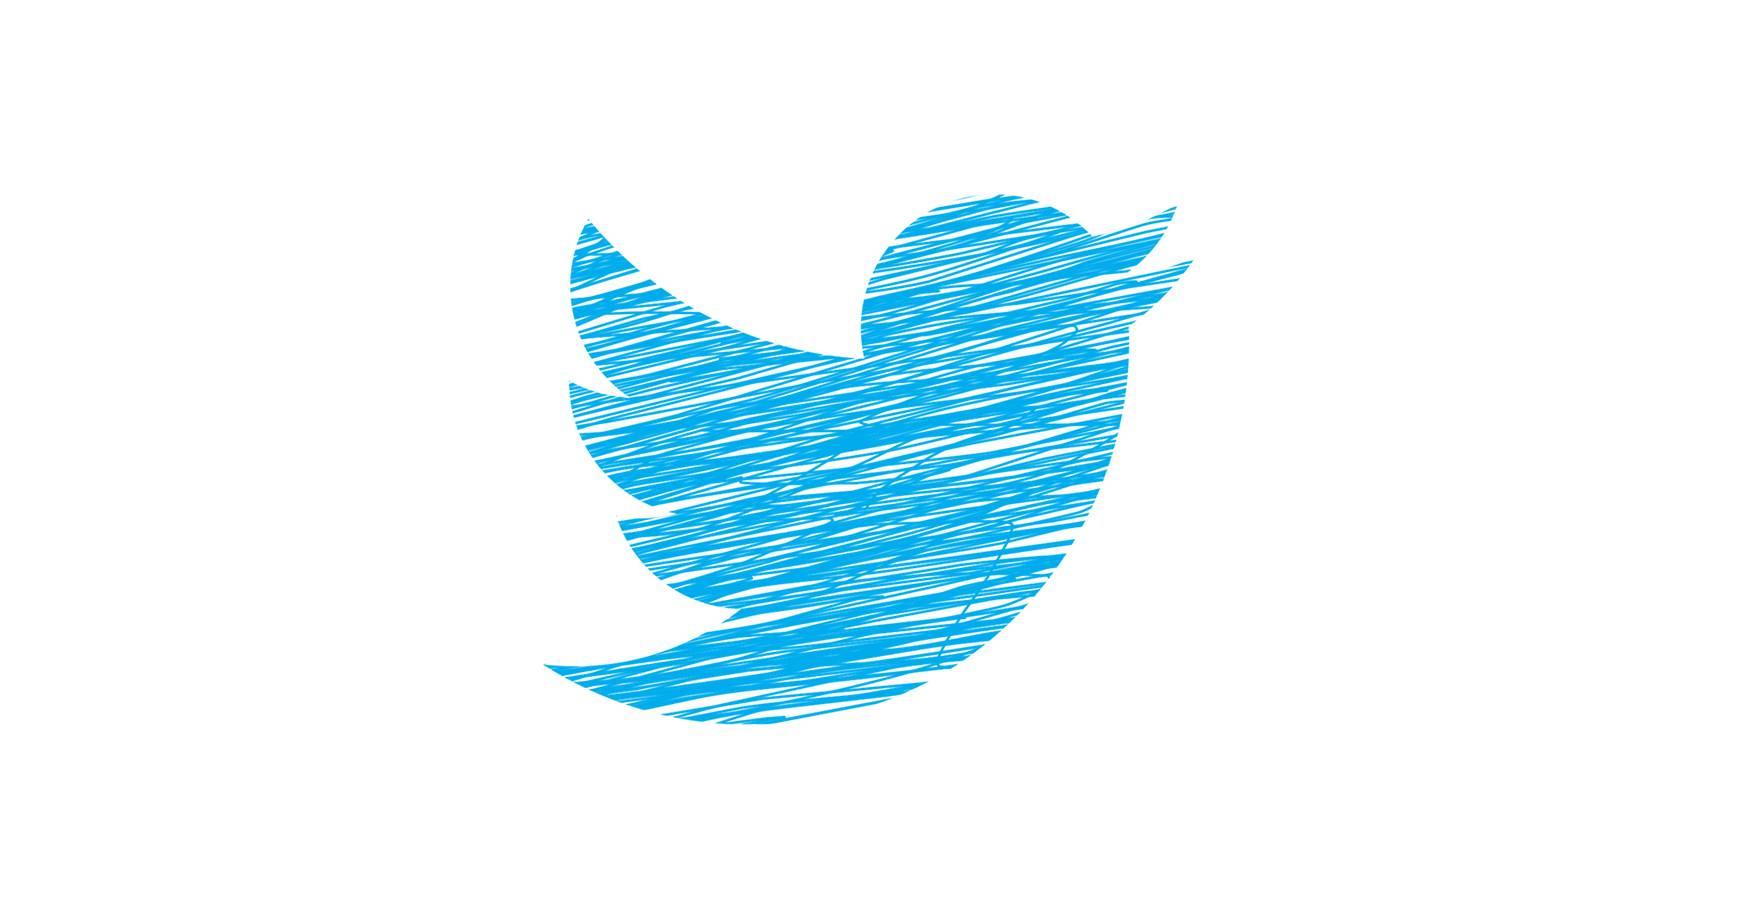 Twitter omylom zdieľal polohu používateľov